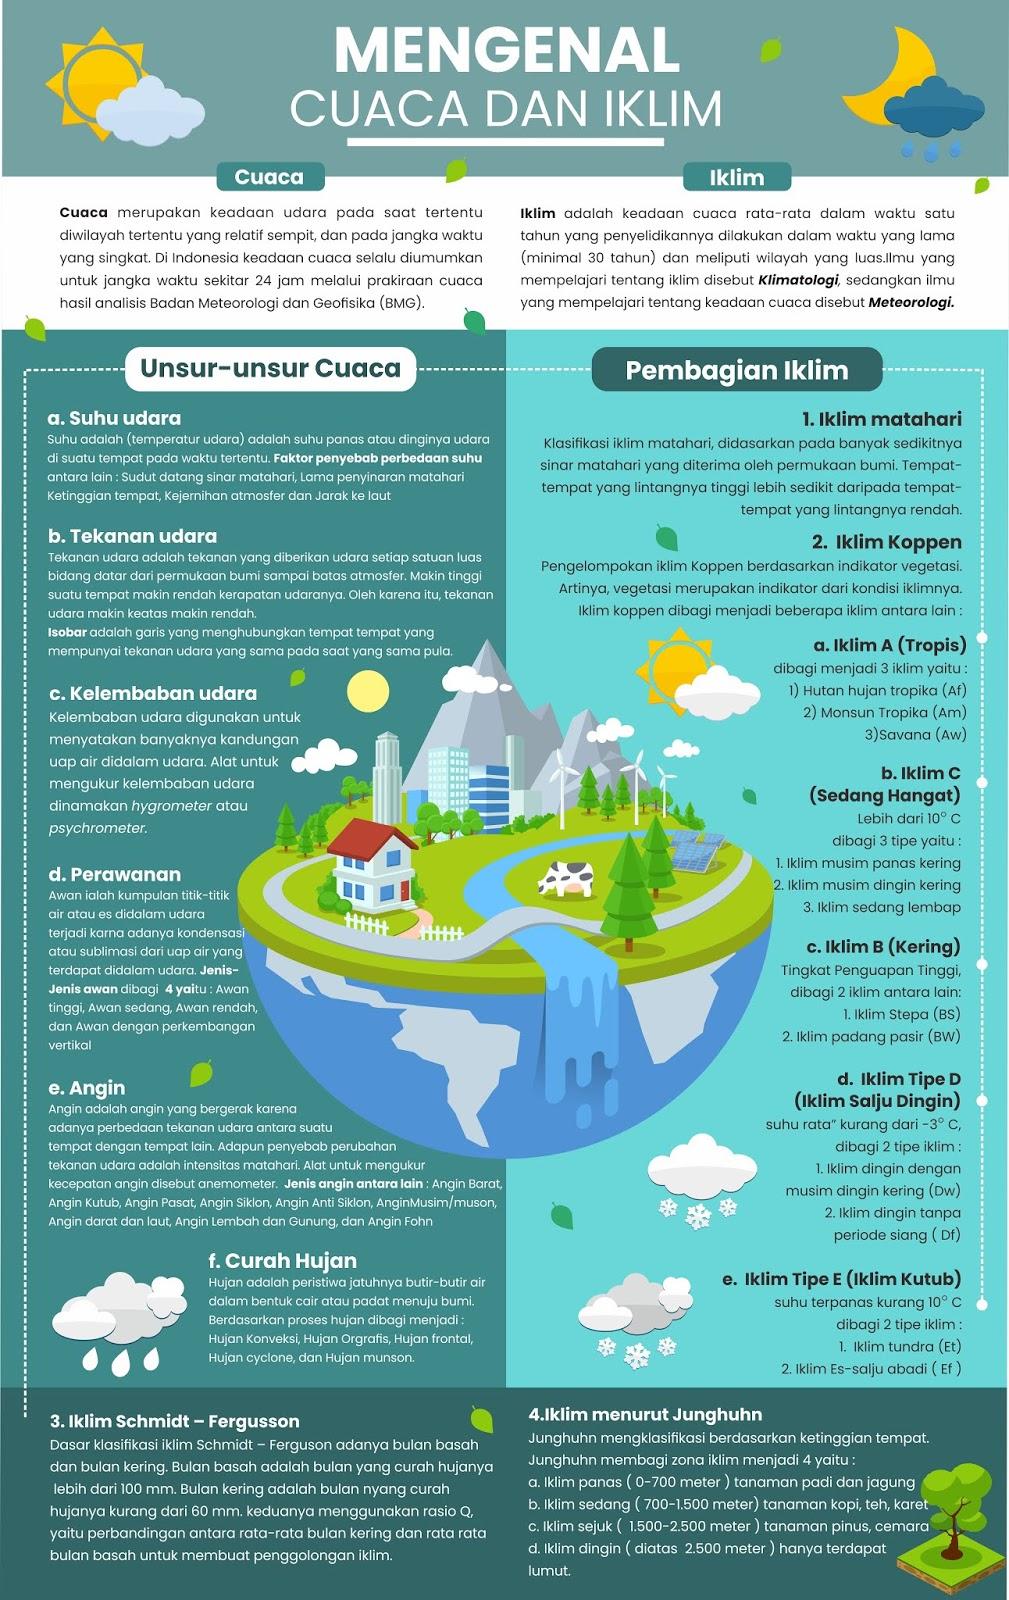 Perbedaan Cuaca Dan Musim : perbedaan, cuaca, musim, Pengertian, Cuaca, Iklim, Dunia, Beserta, Pembagiannya